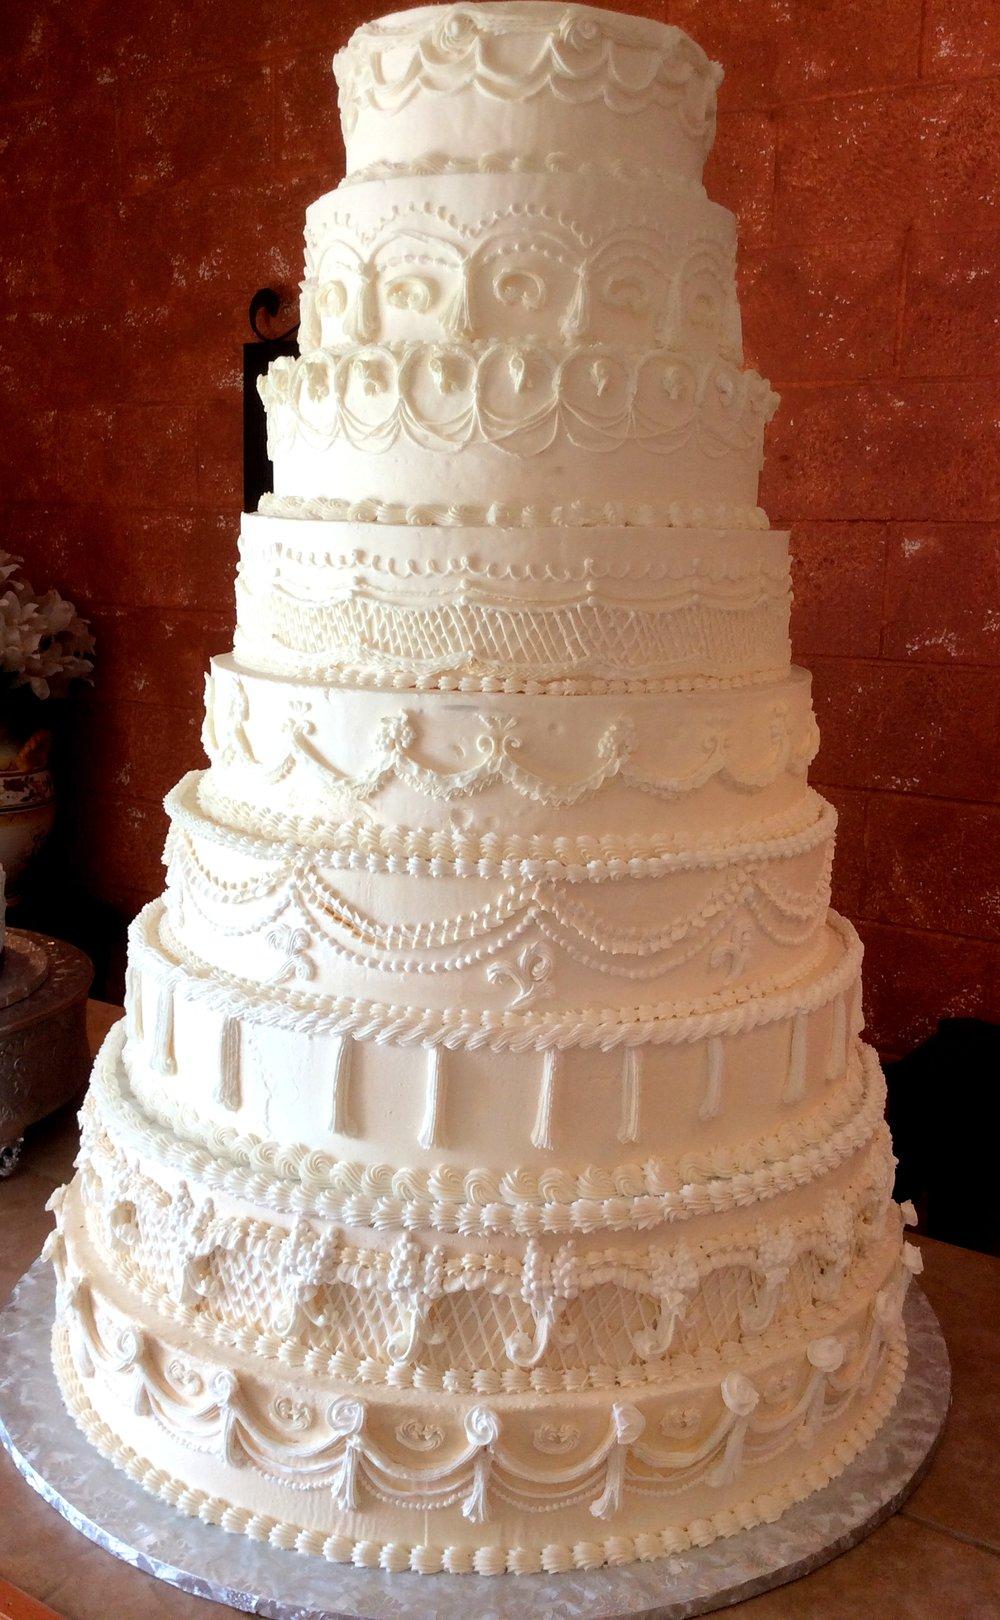 tori cake.JPG